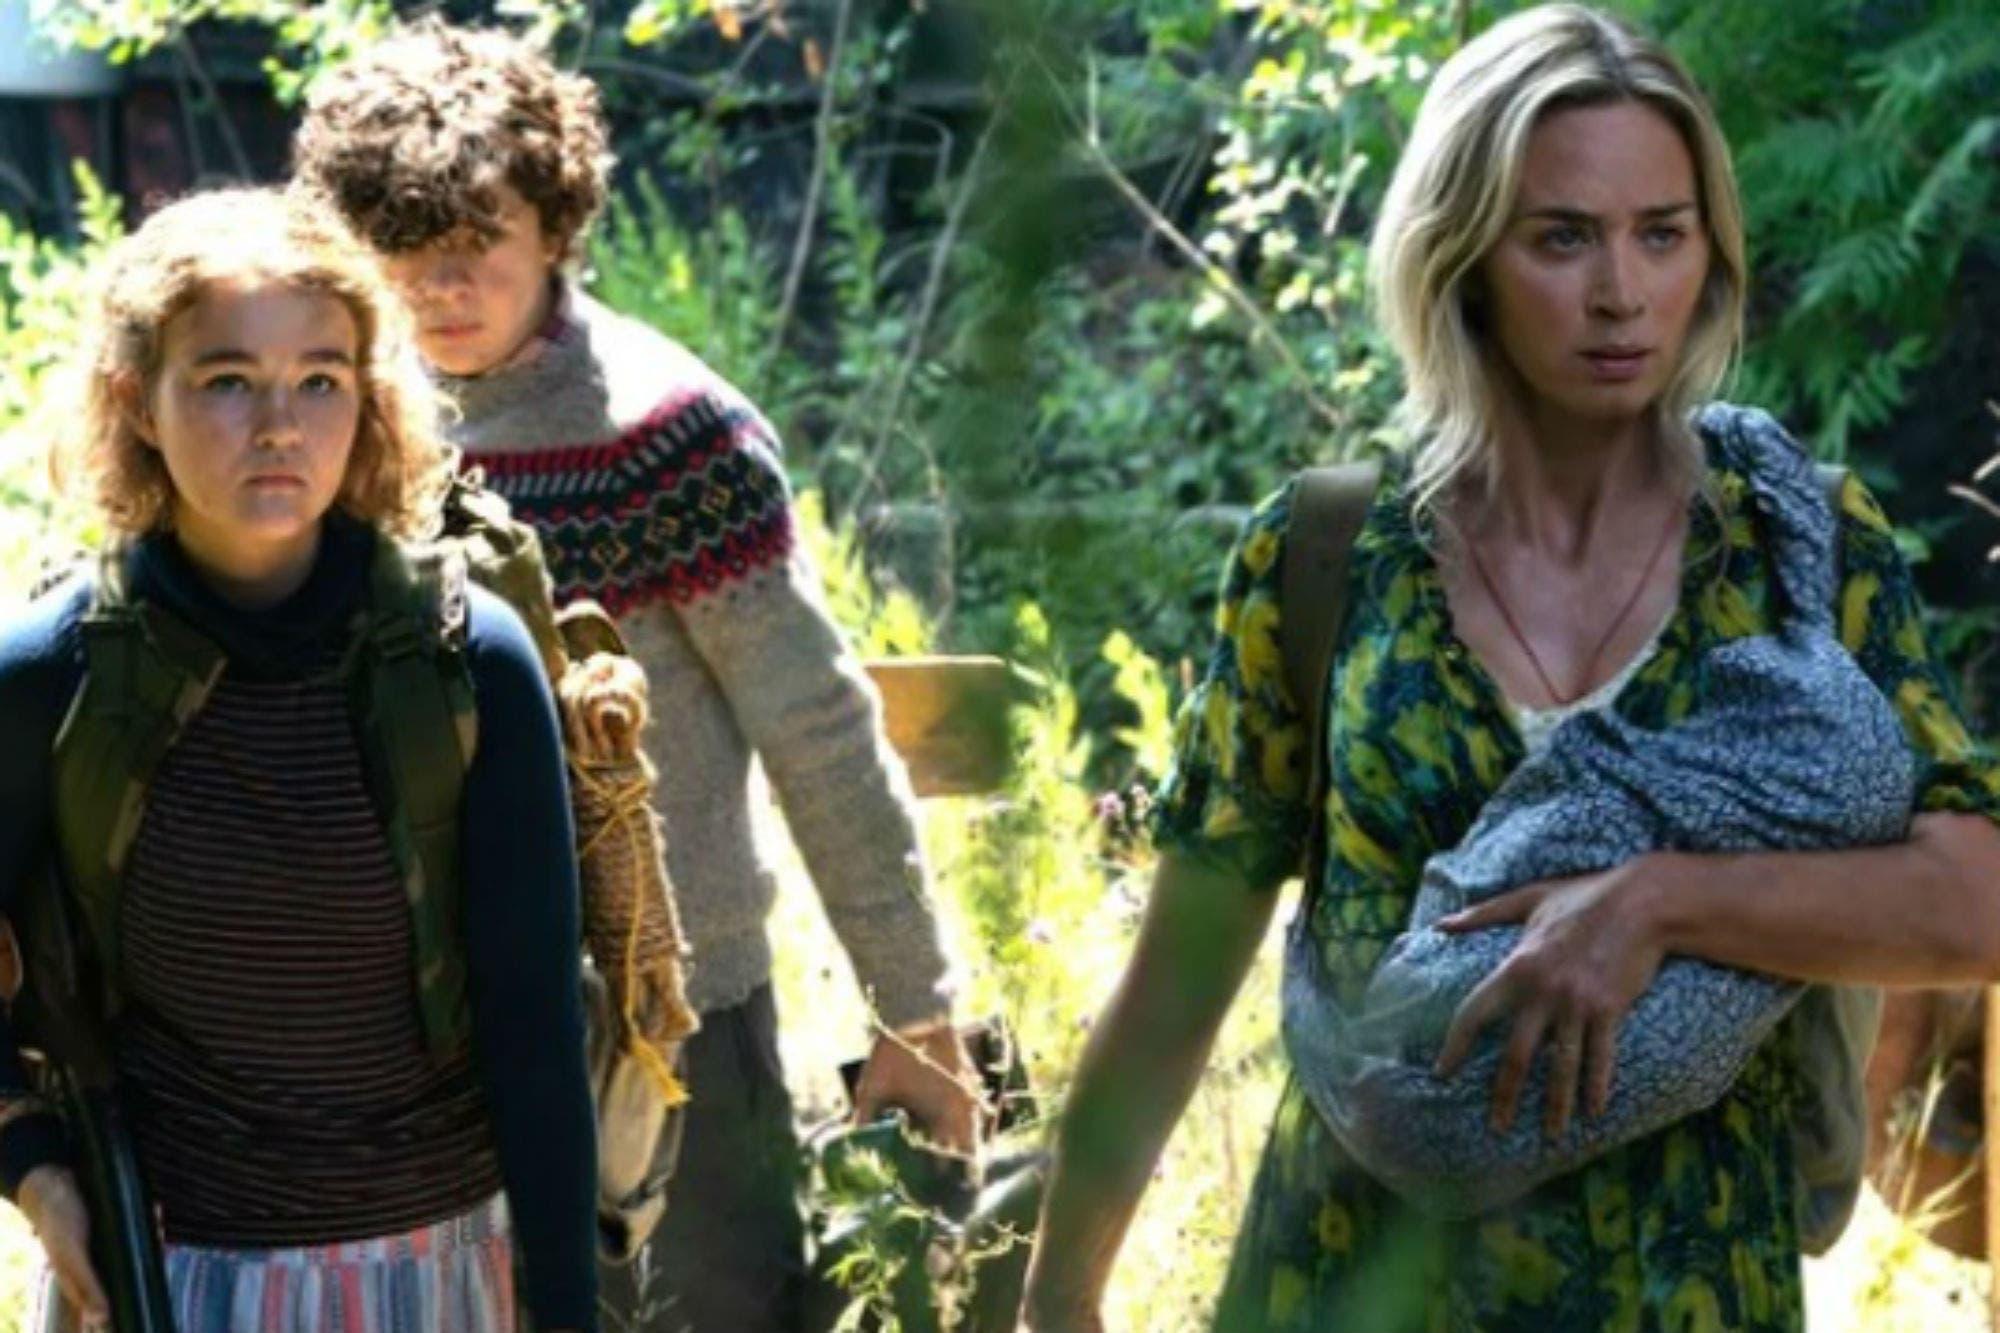 Un lugar en silencio 2: el trailer muestra la otra cara de los sobrevivientes y revela el rol de Cillian Murphy